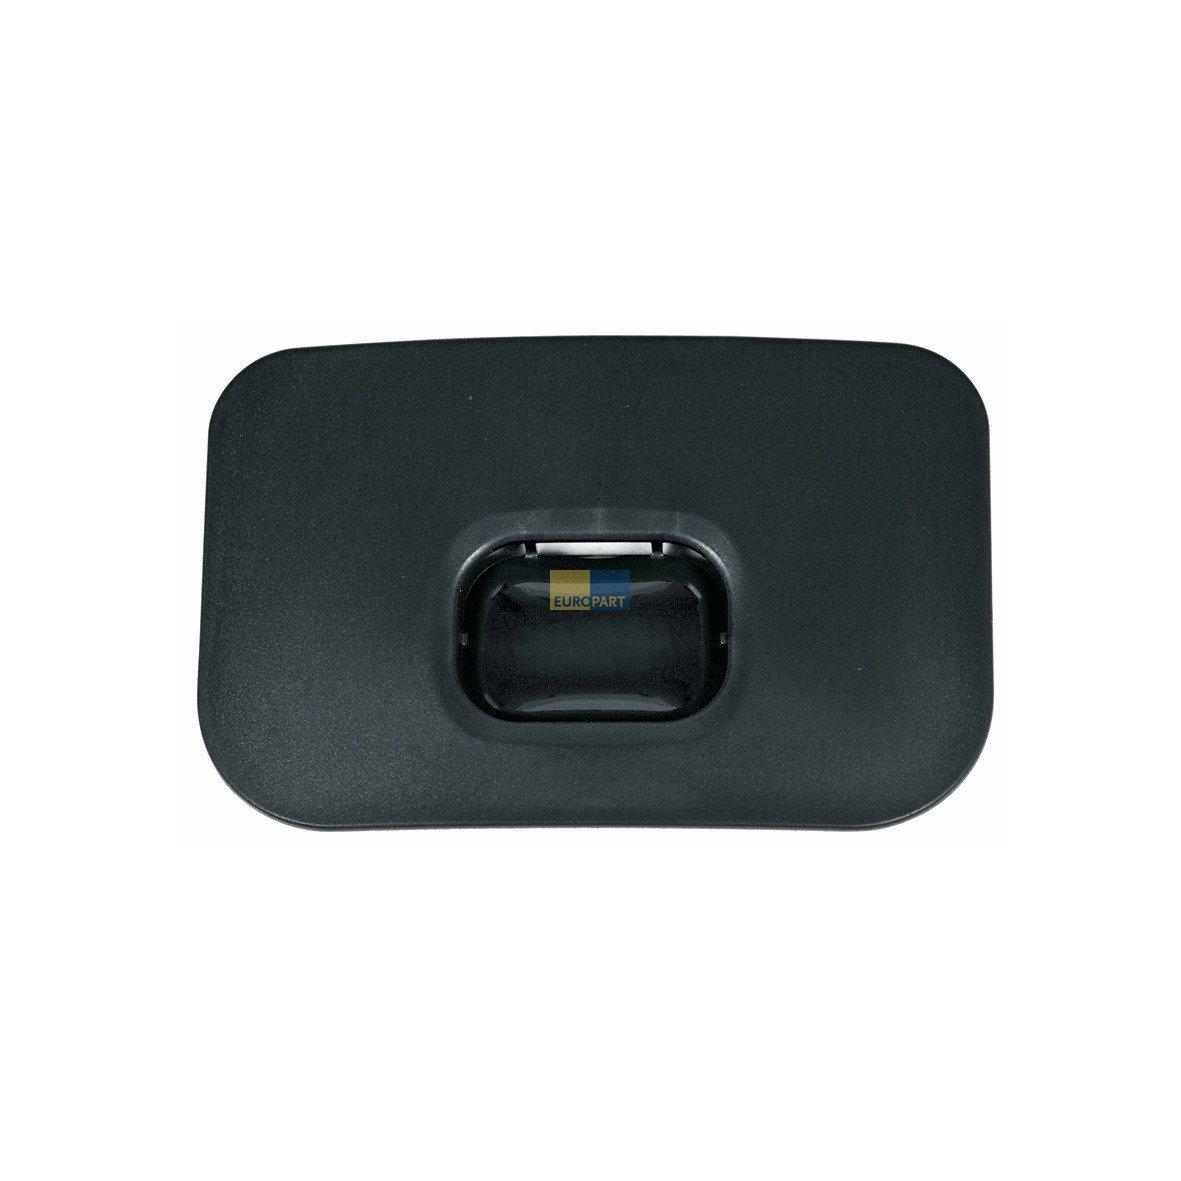 Tapa del Depósito de Agua para Tassimo T40 sin Filtro de Agua, Repuesto Bosch 644689